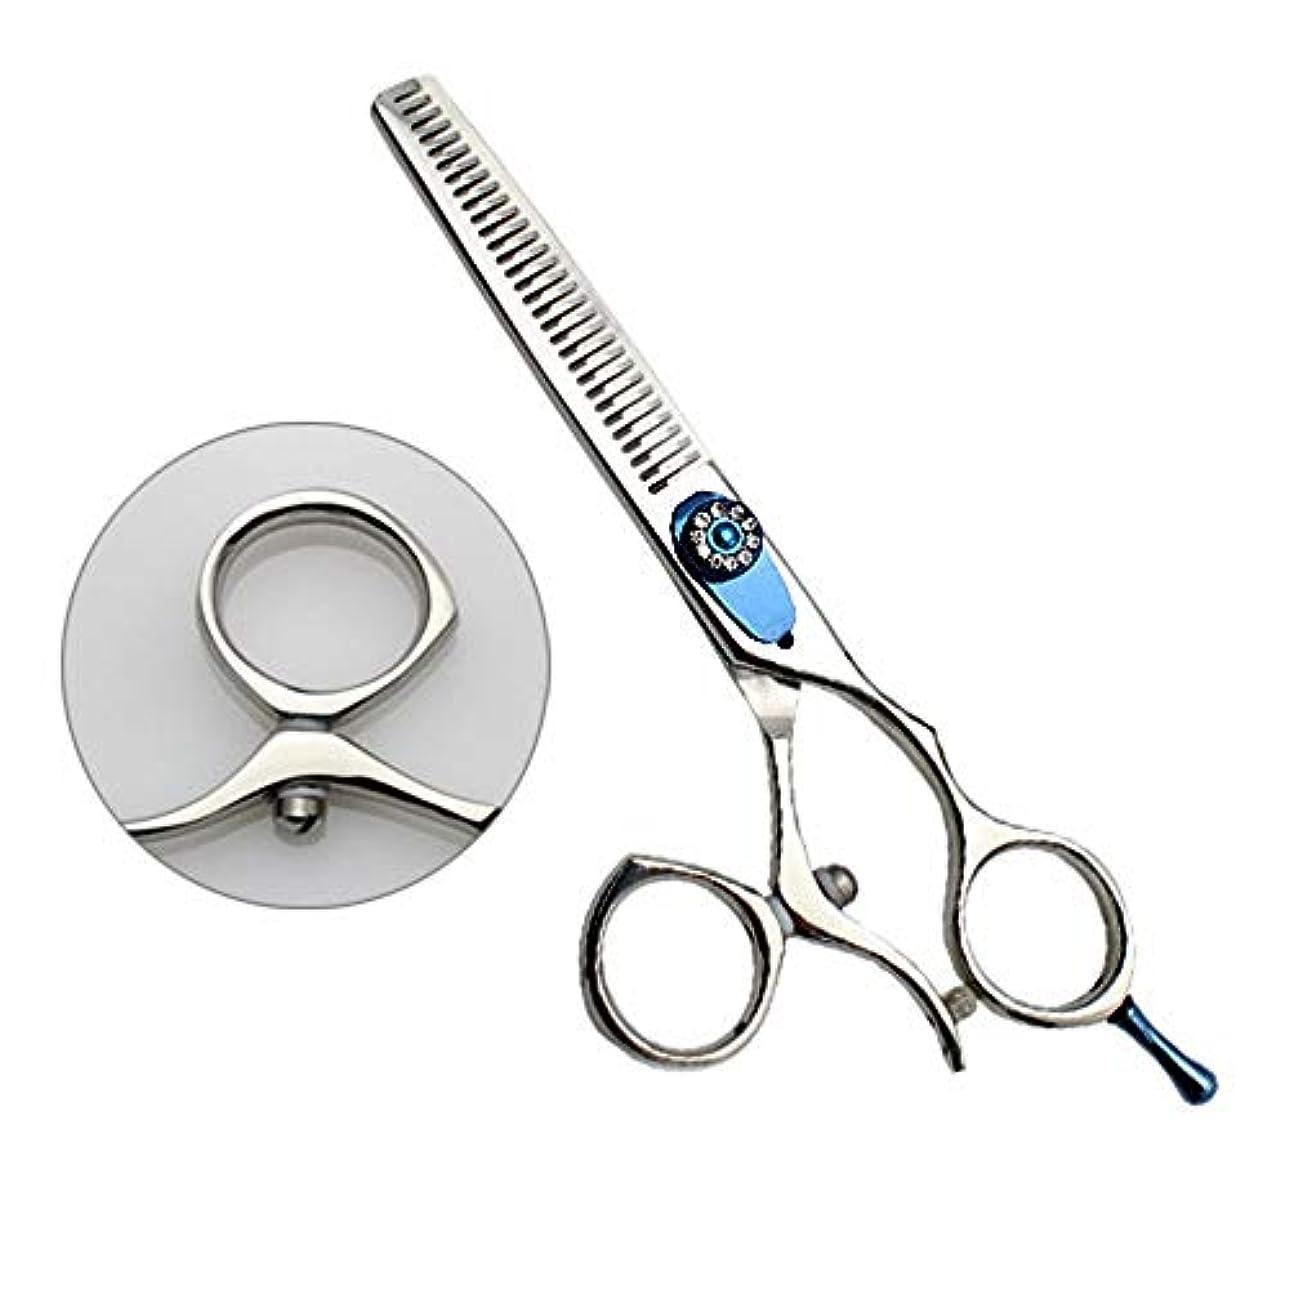 むさぼり食う好き不可能なJiaoran 6インチ美容院プロの理髪はさみ、歯はさみ回転リング (Color : Blue)